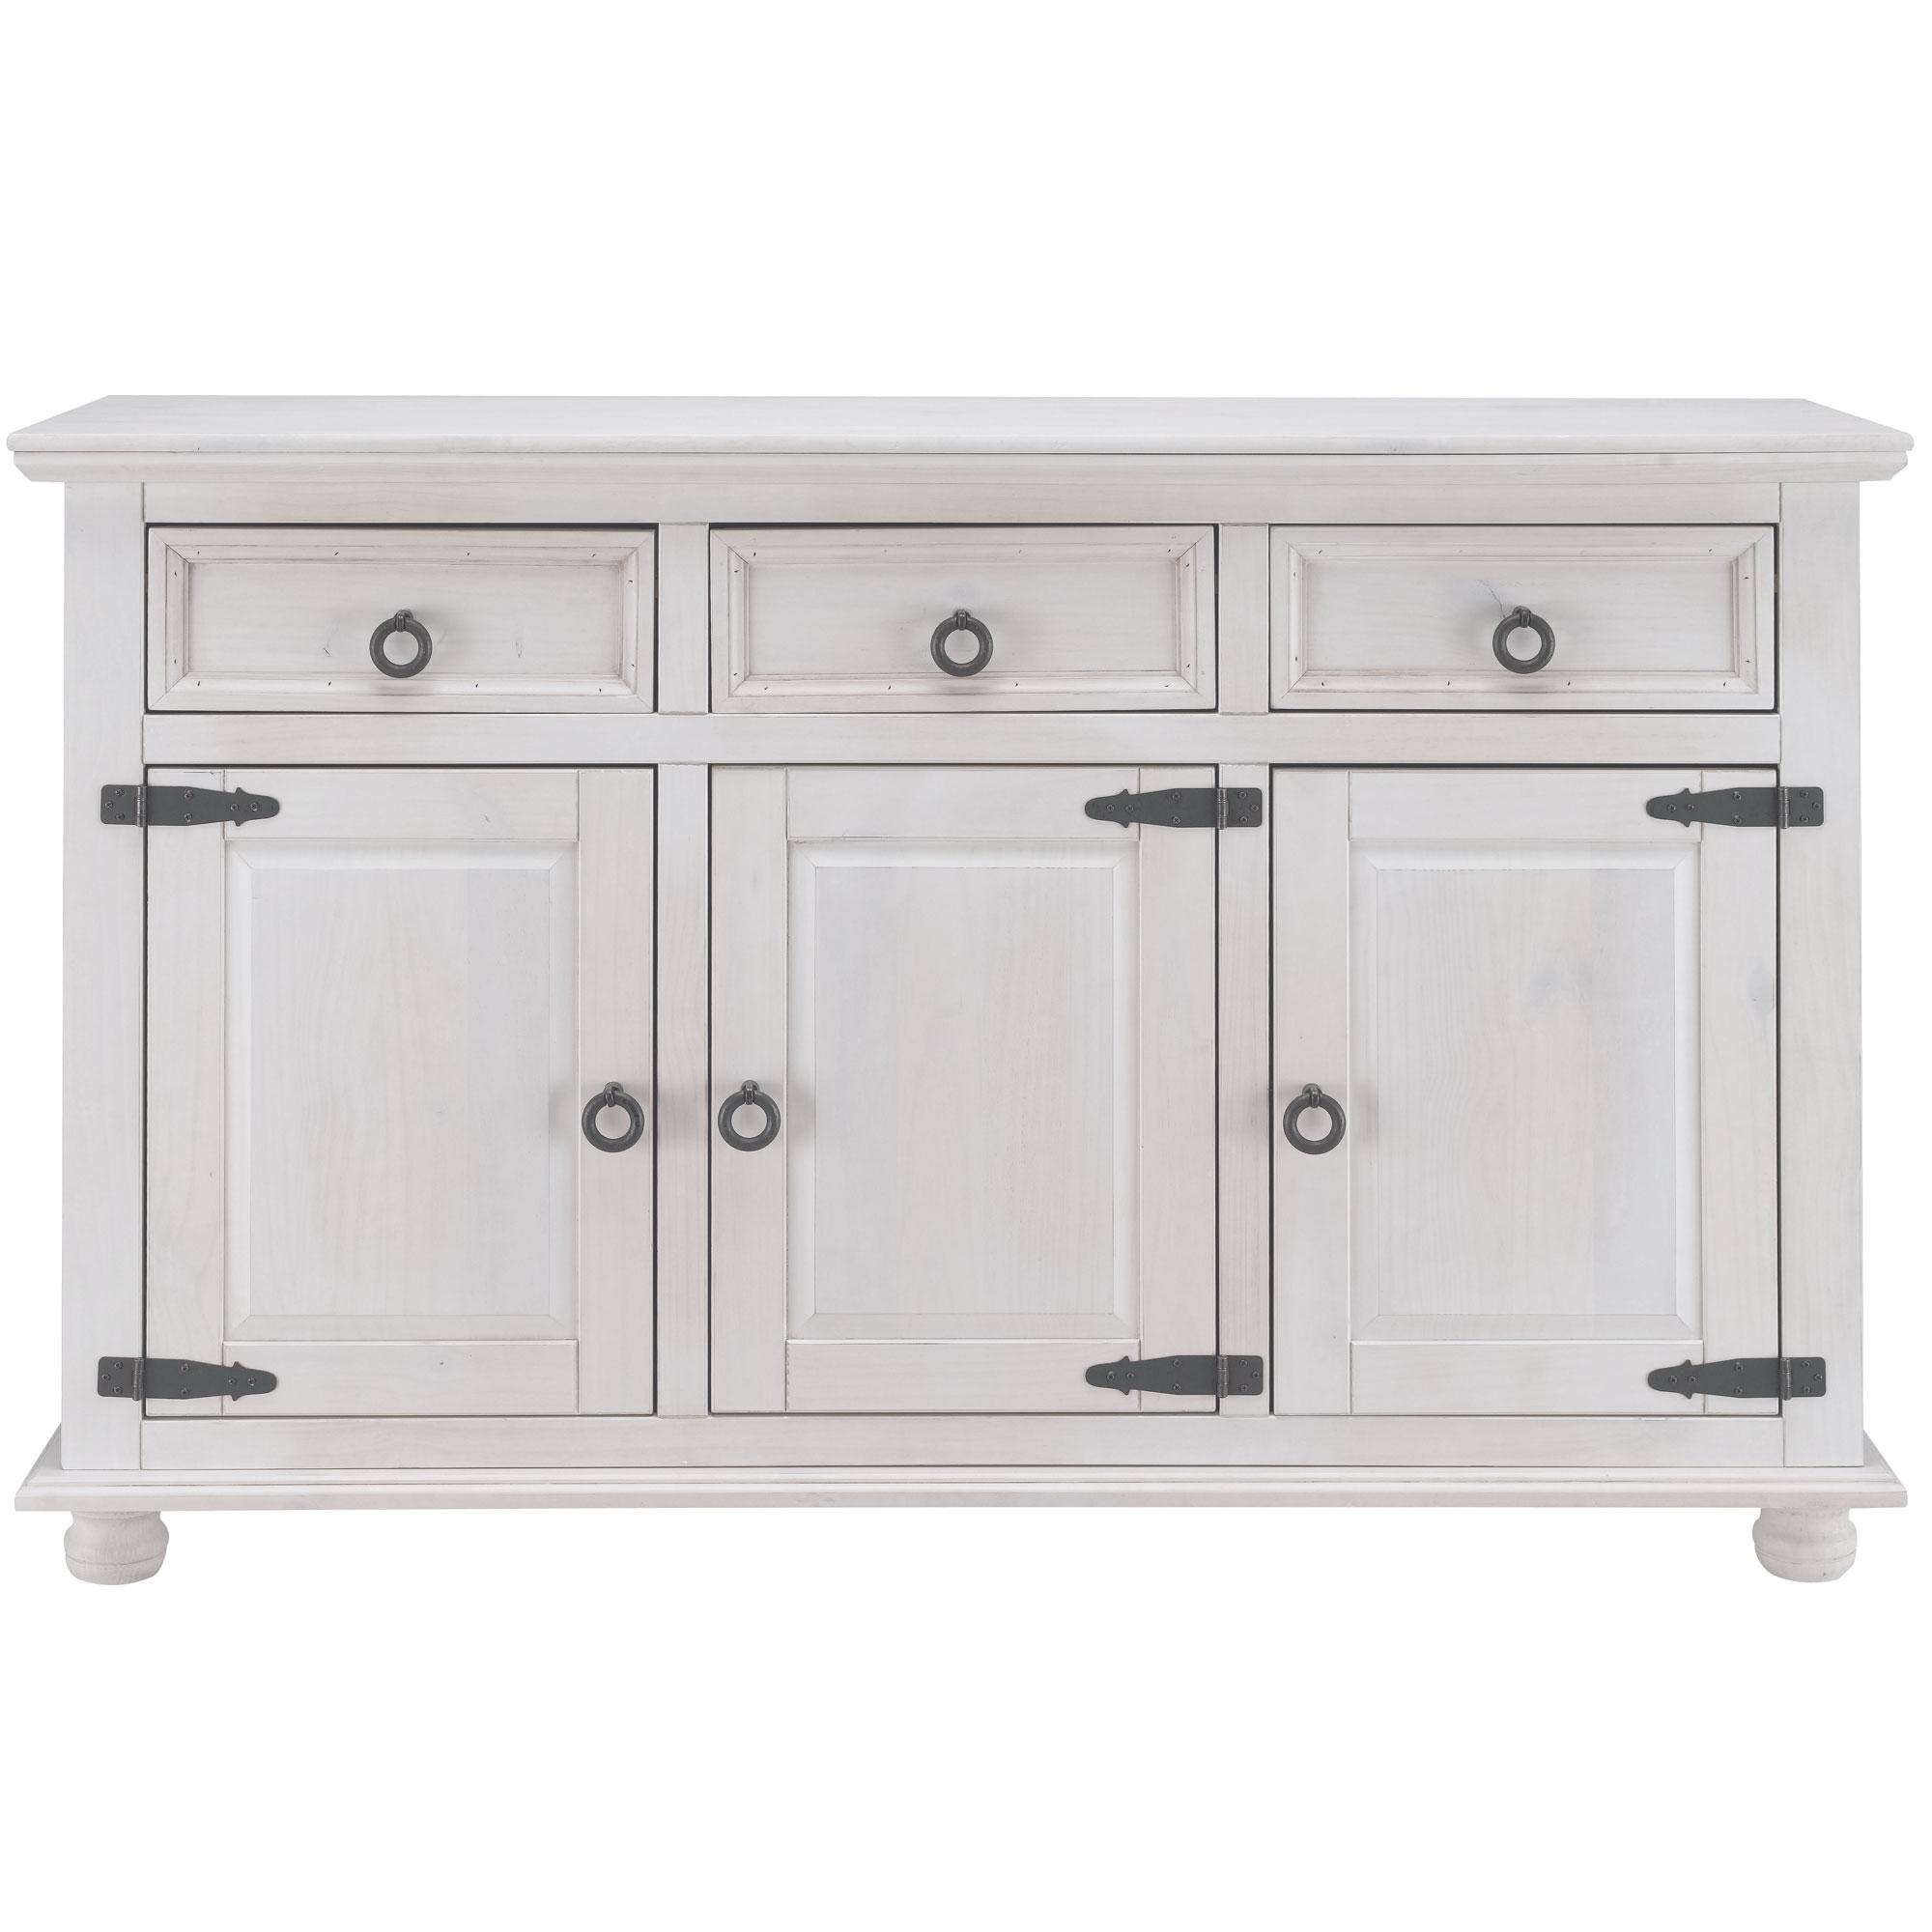 buffet 3 portes 3 tiroirs salvador blanc anniversaire 40 ans acheter ce produit au. Black Bedroom Furniture Sets. Home Design Ideas